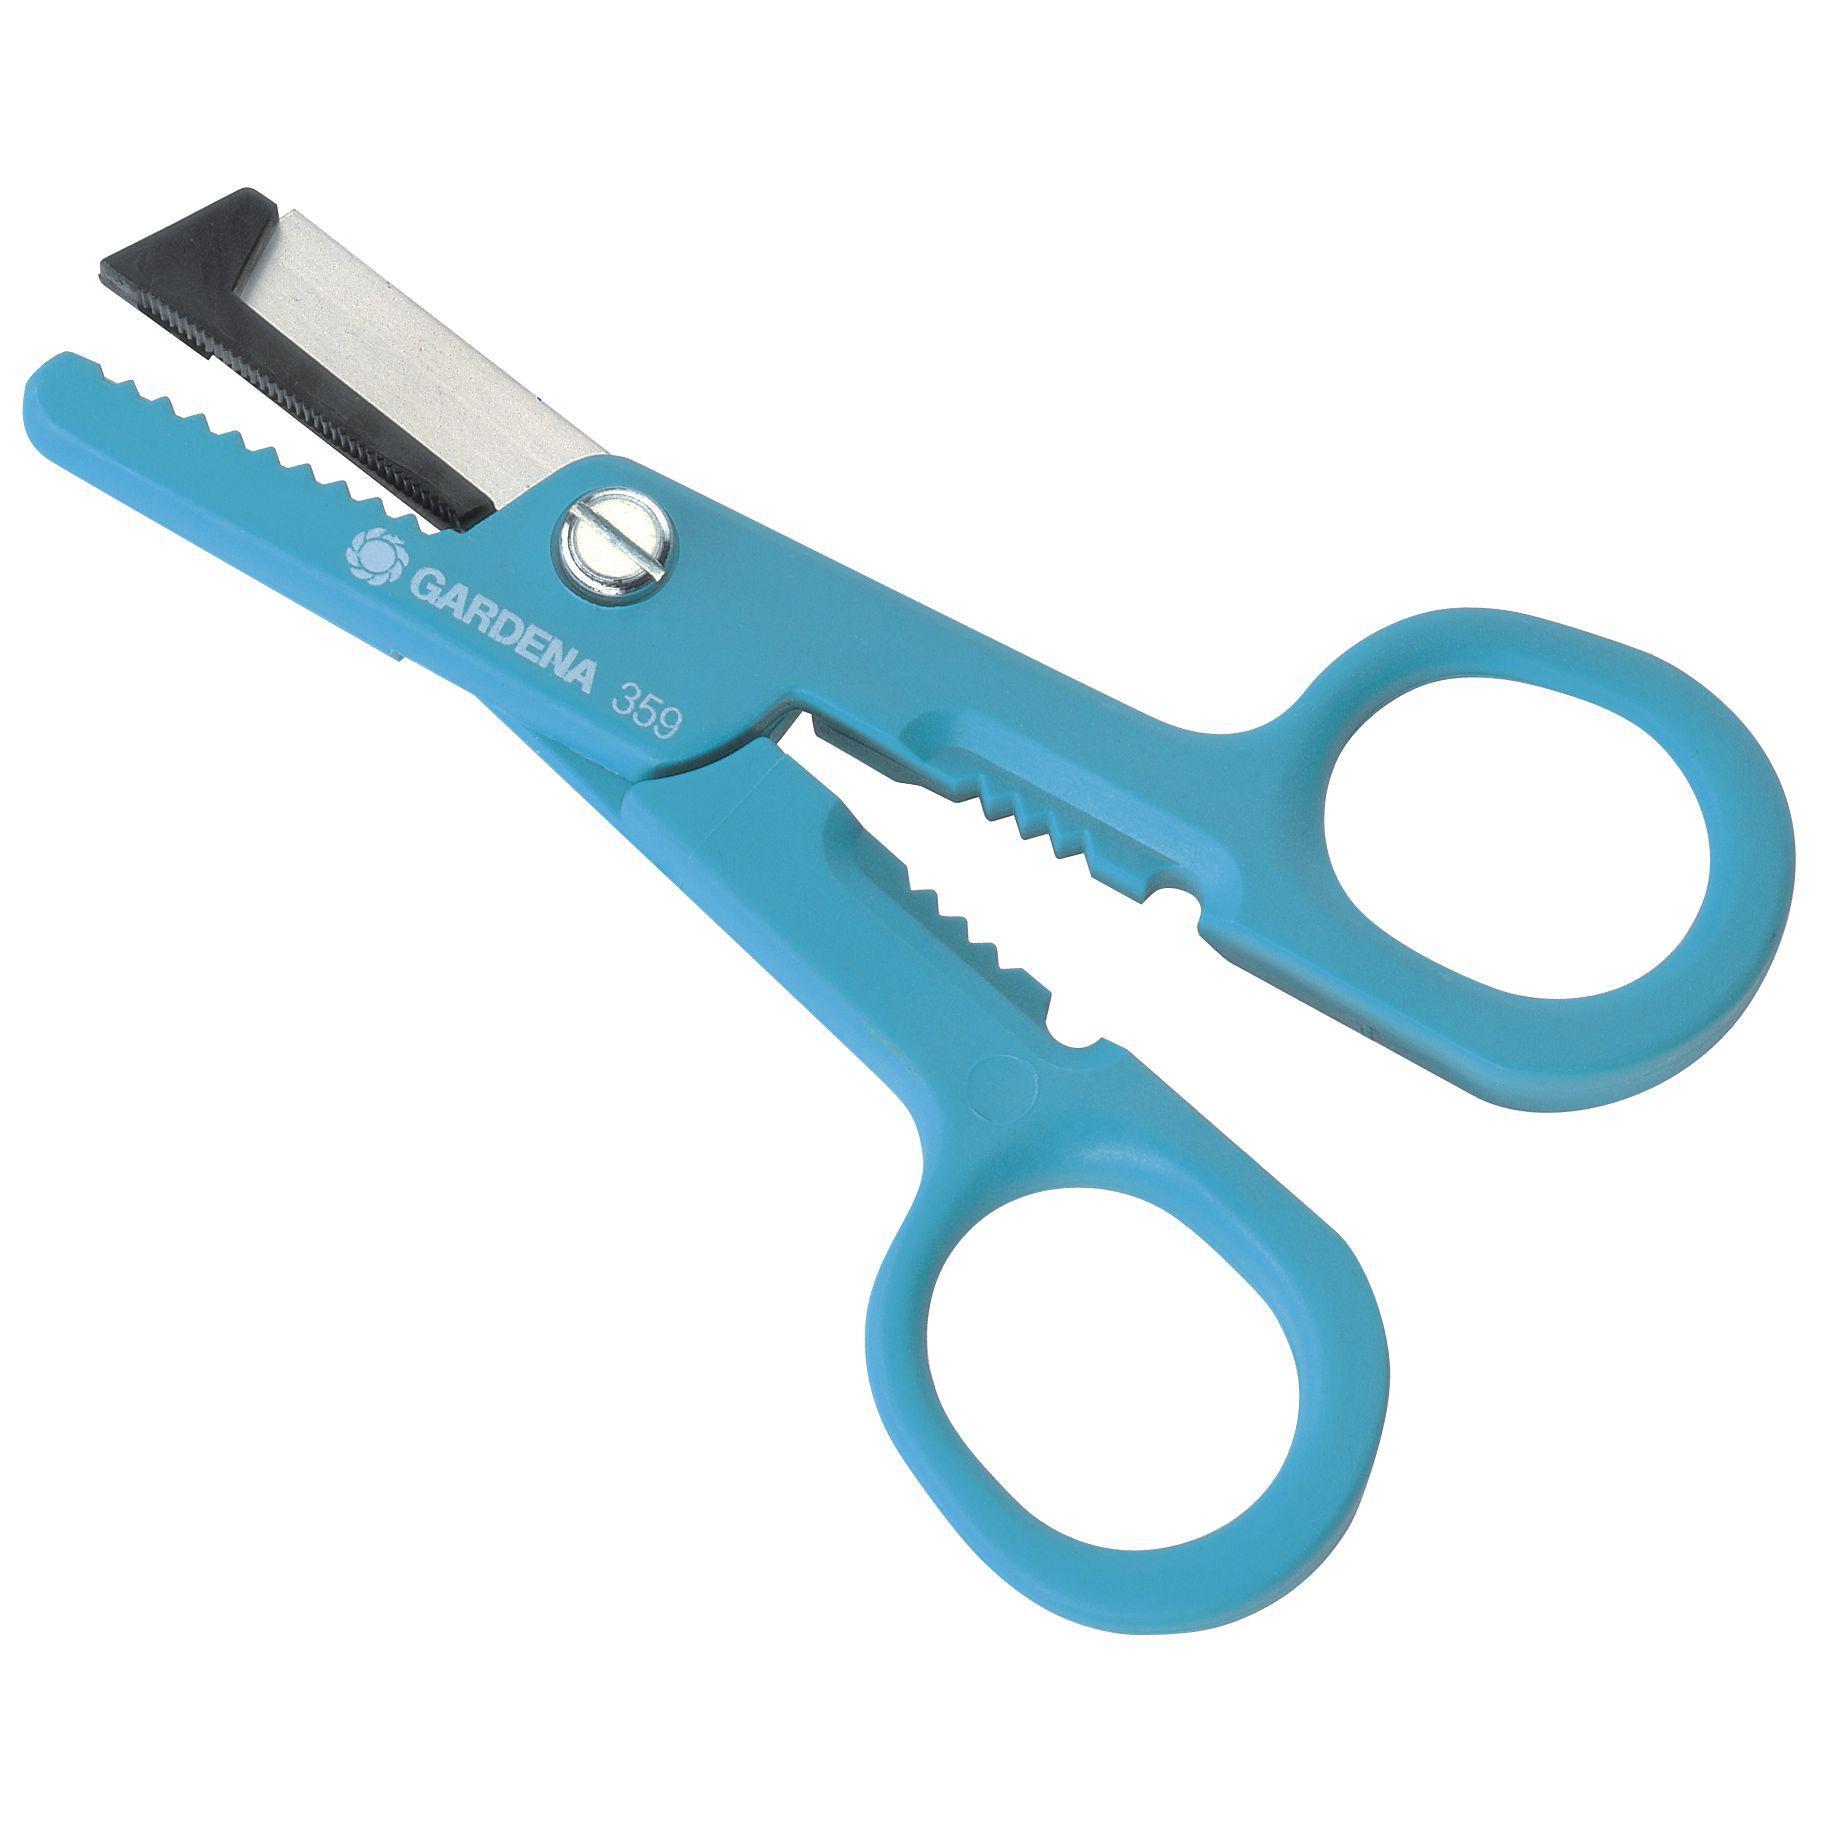 Ножницы для роз Gardena 359 (00359-20.000.00)